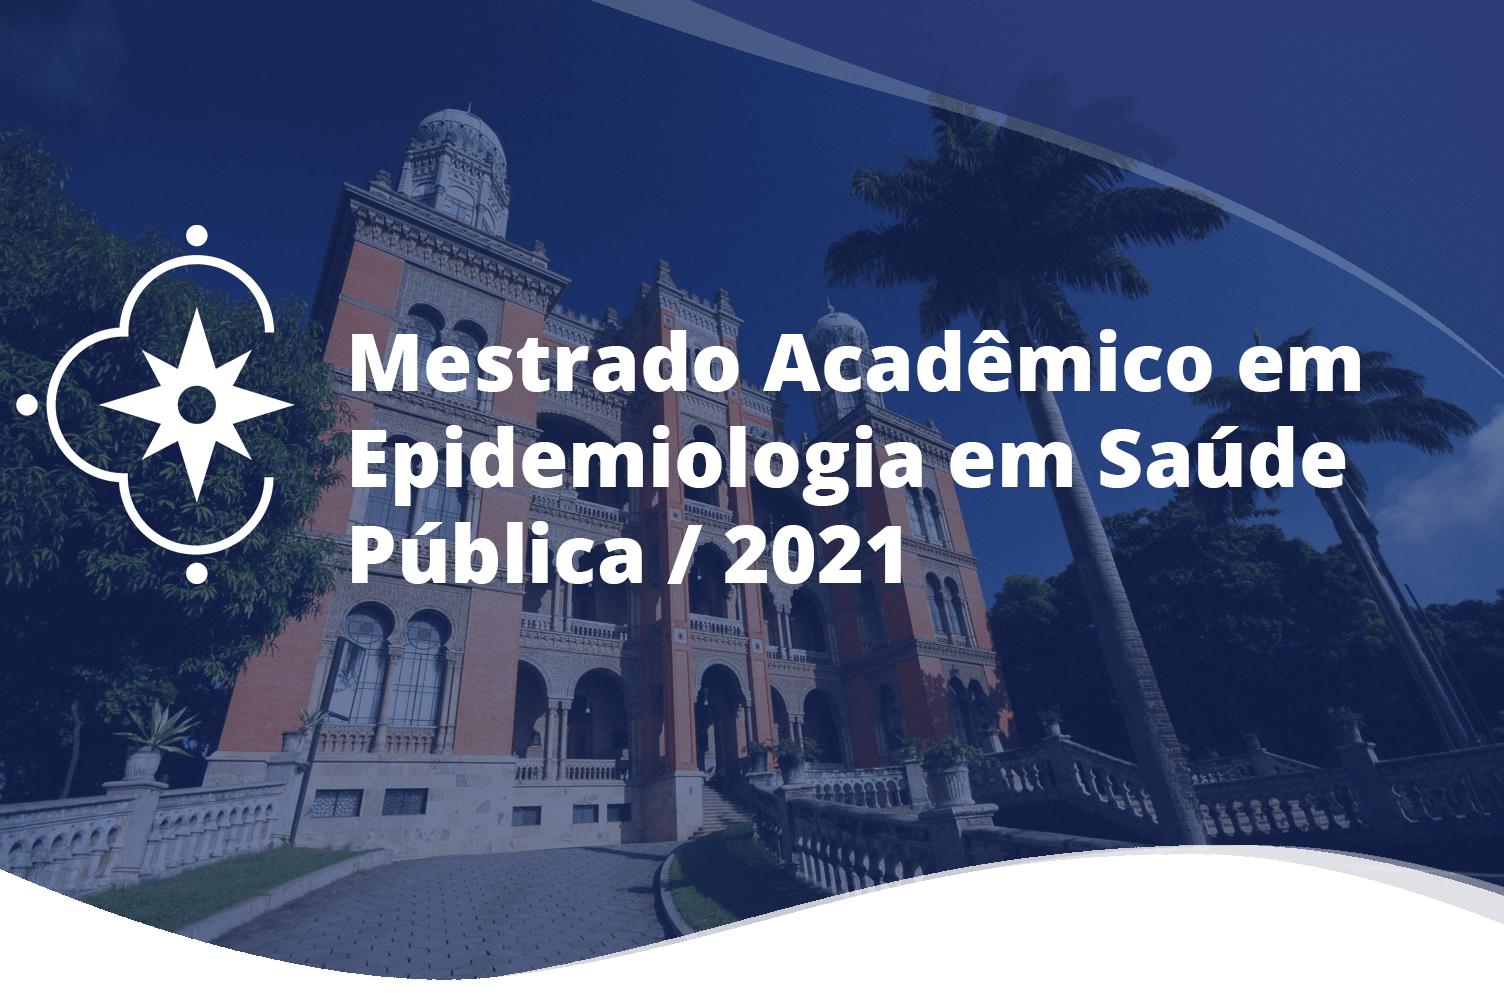 Mestrado Acadêmico em Epidemiologia em Saúde Pública / 2021